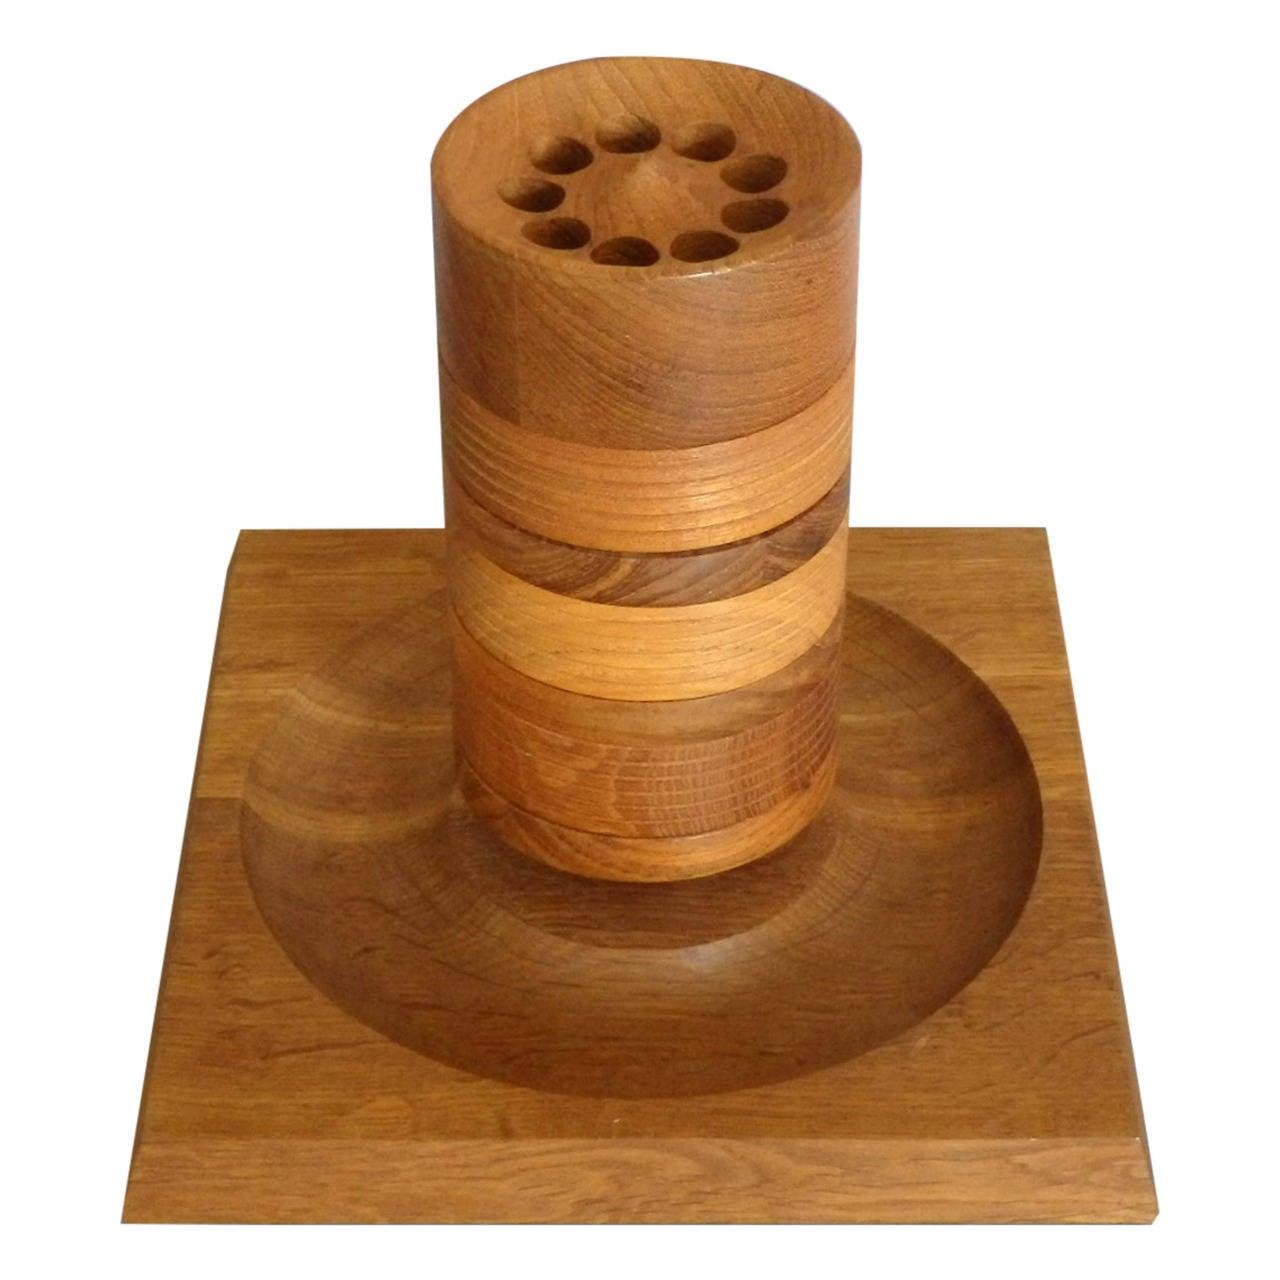 Turned Wood Danish Teak Tower Game by Skjode Skjern For Sale